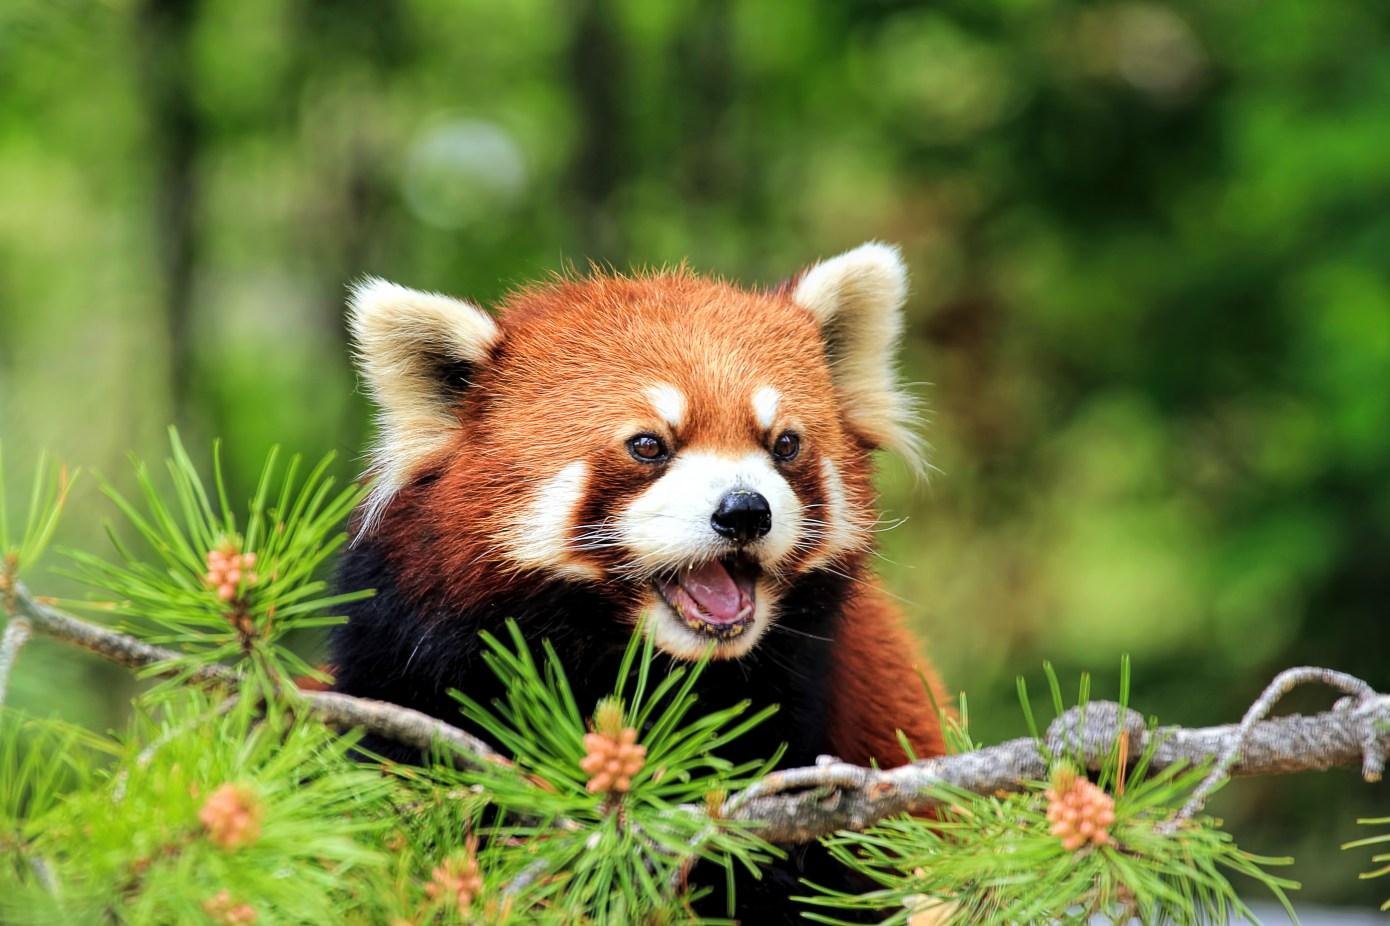 Primer plano de un panda rojo mirando lejos